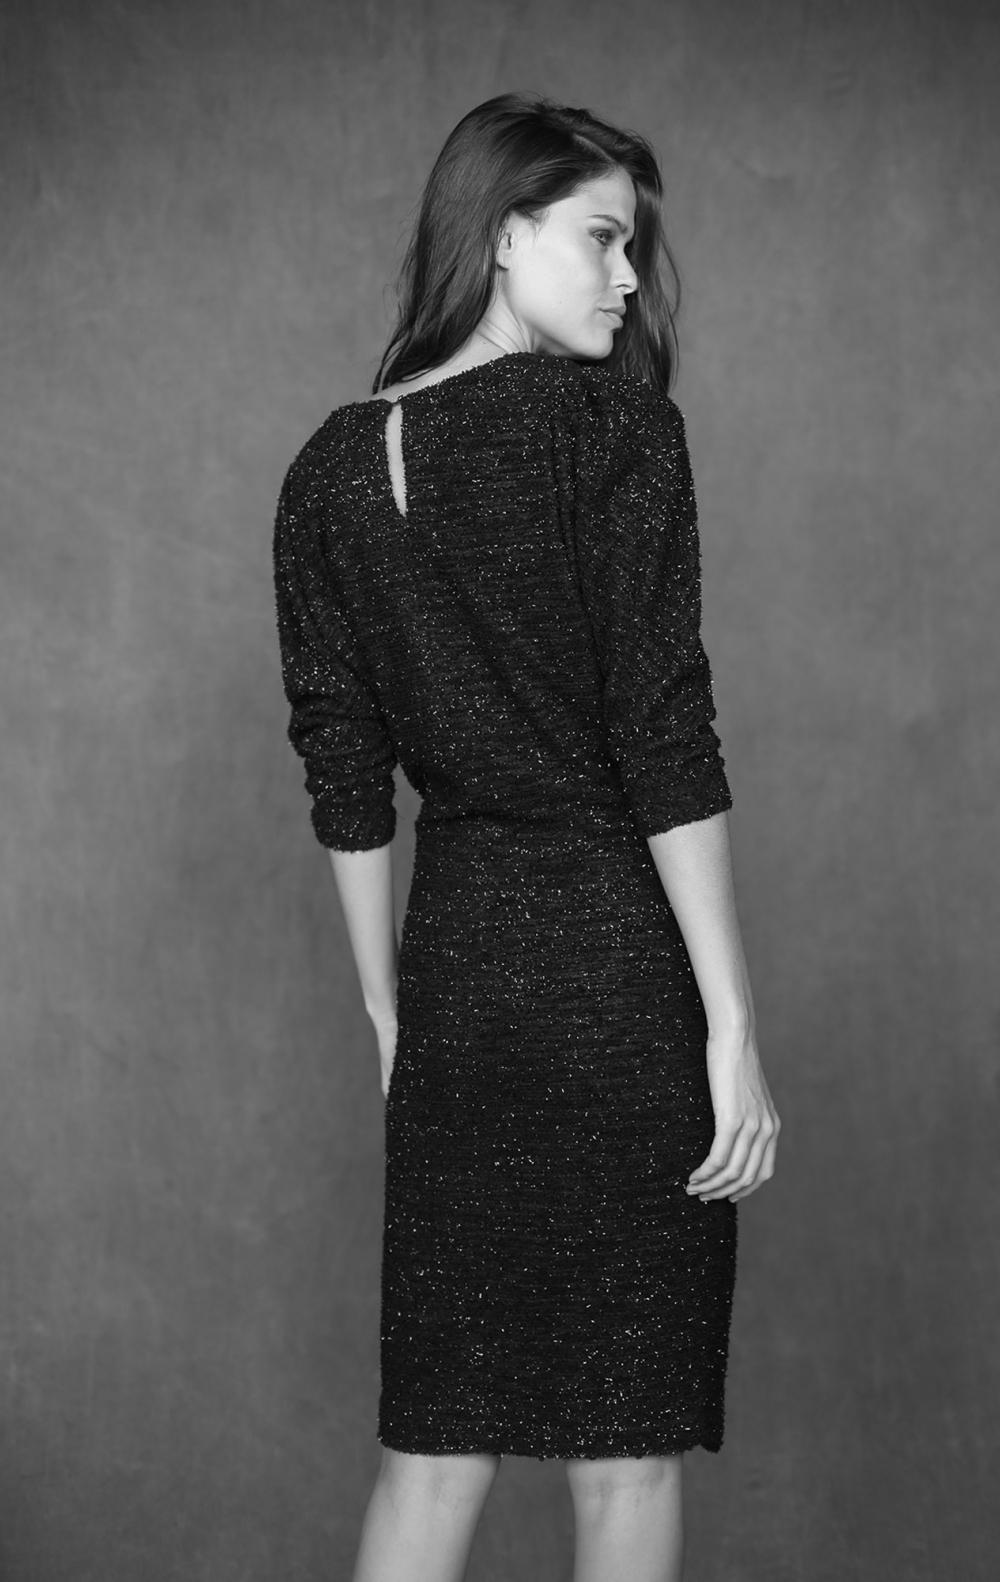 Vestido Tweed Preto  - Foto 2